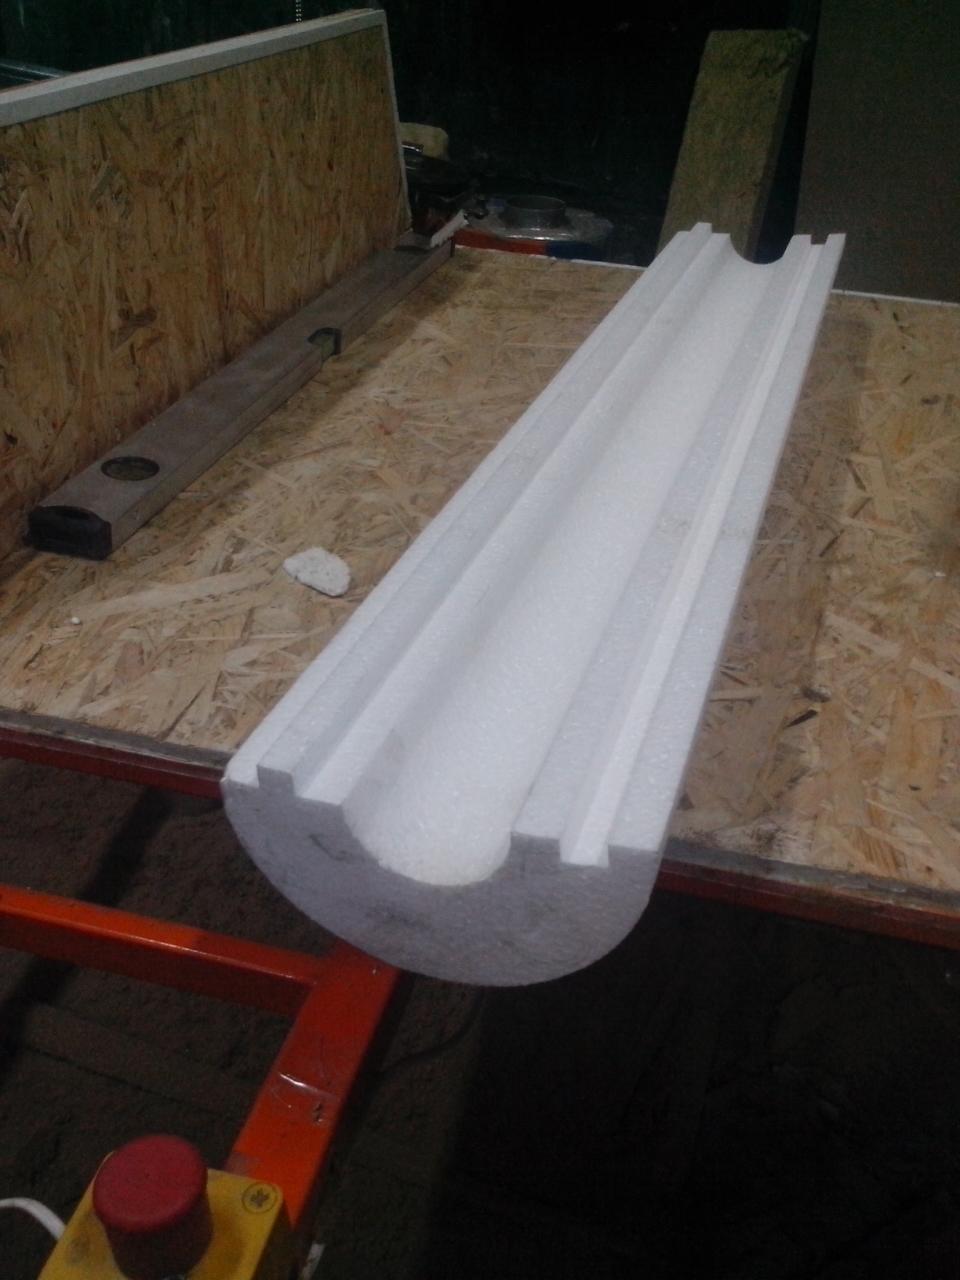 Утеплитель из пенопласта (пенополистирола) для труб Ø 25 мм толщиной 60 мм